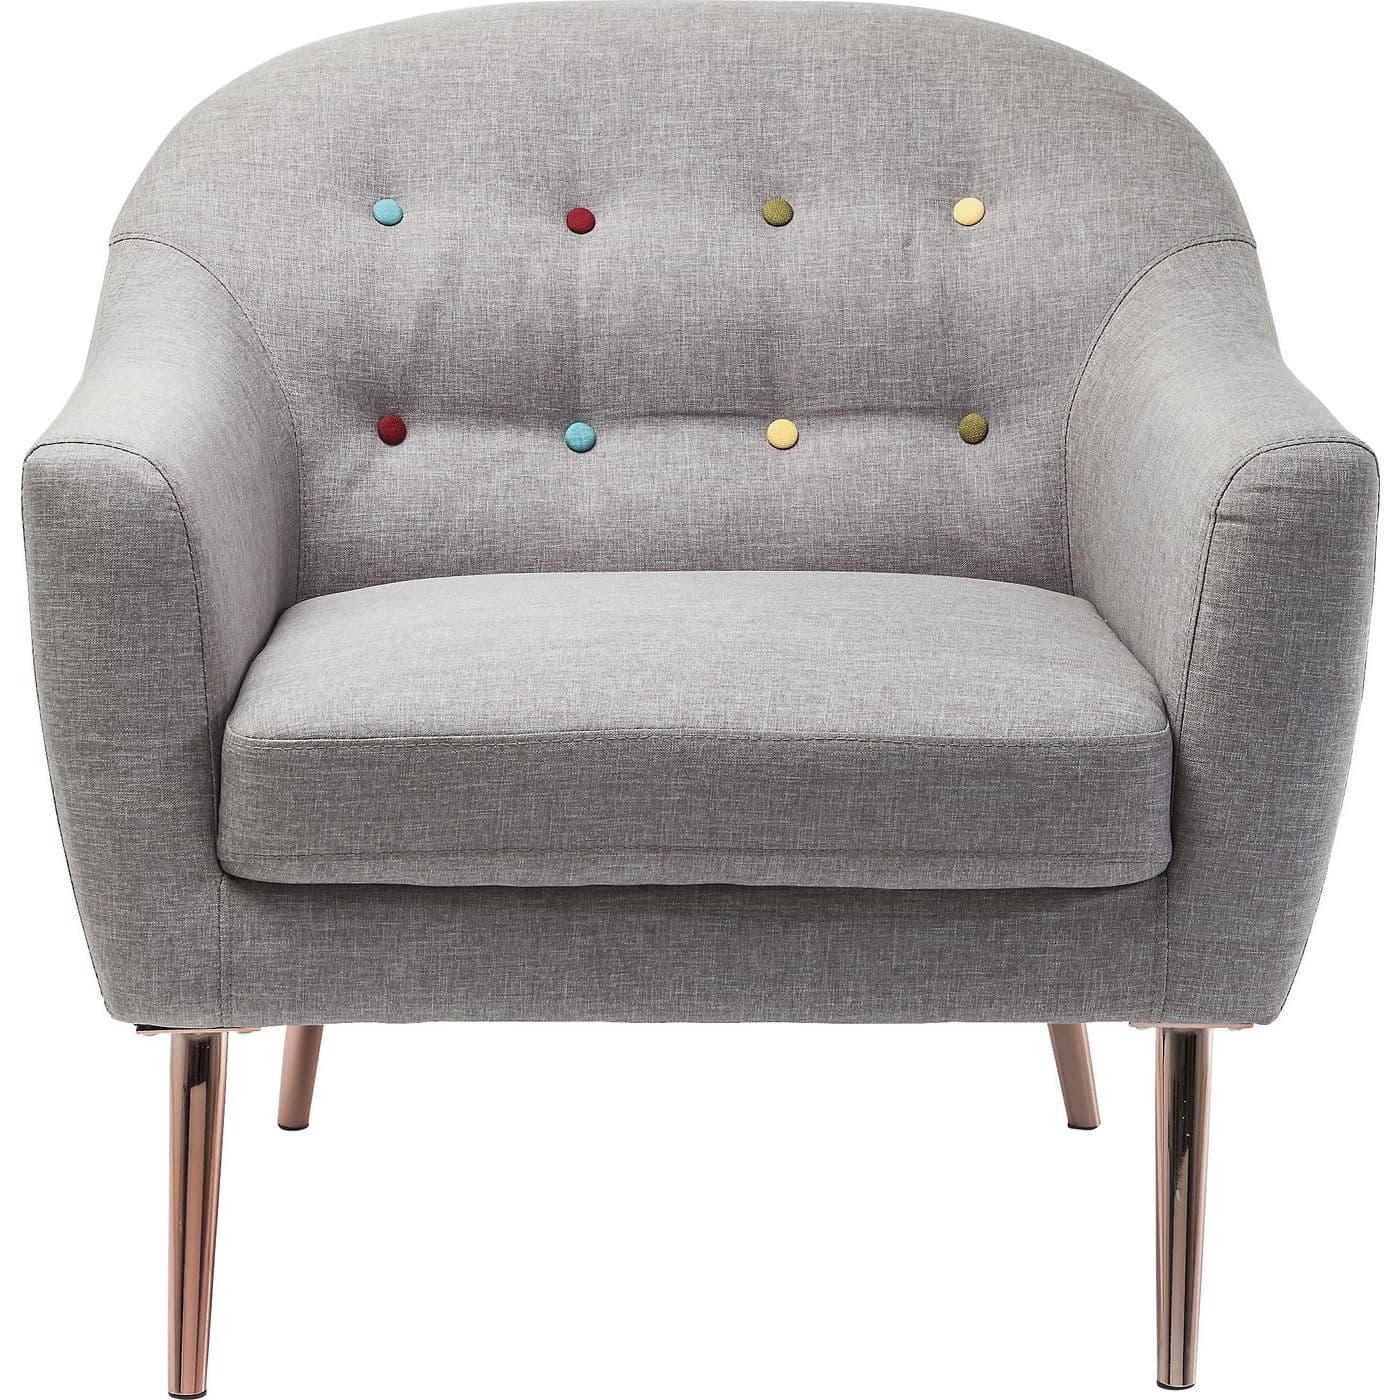 Kare design fun tastic lænestol - gråt stof og bronze stål, m. armlæn fra kare design fra boboonline.dk